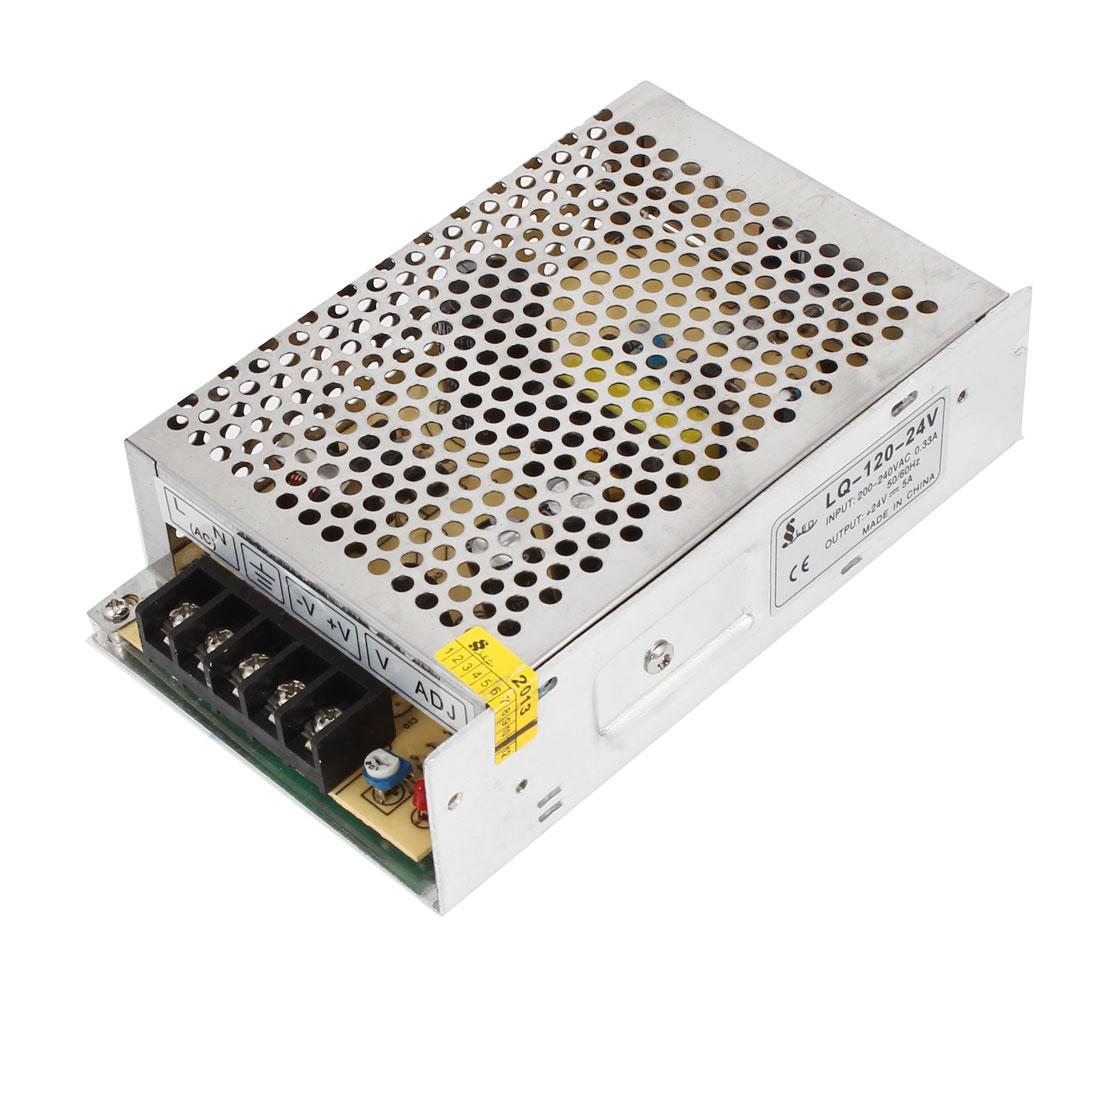 AC 200-240V DC 24V 5A Switching Power Supply Driver Adapter LQ-120-24V for LED Ligh Strip